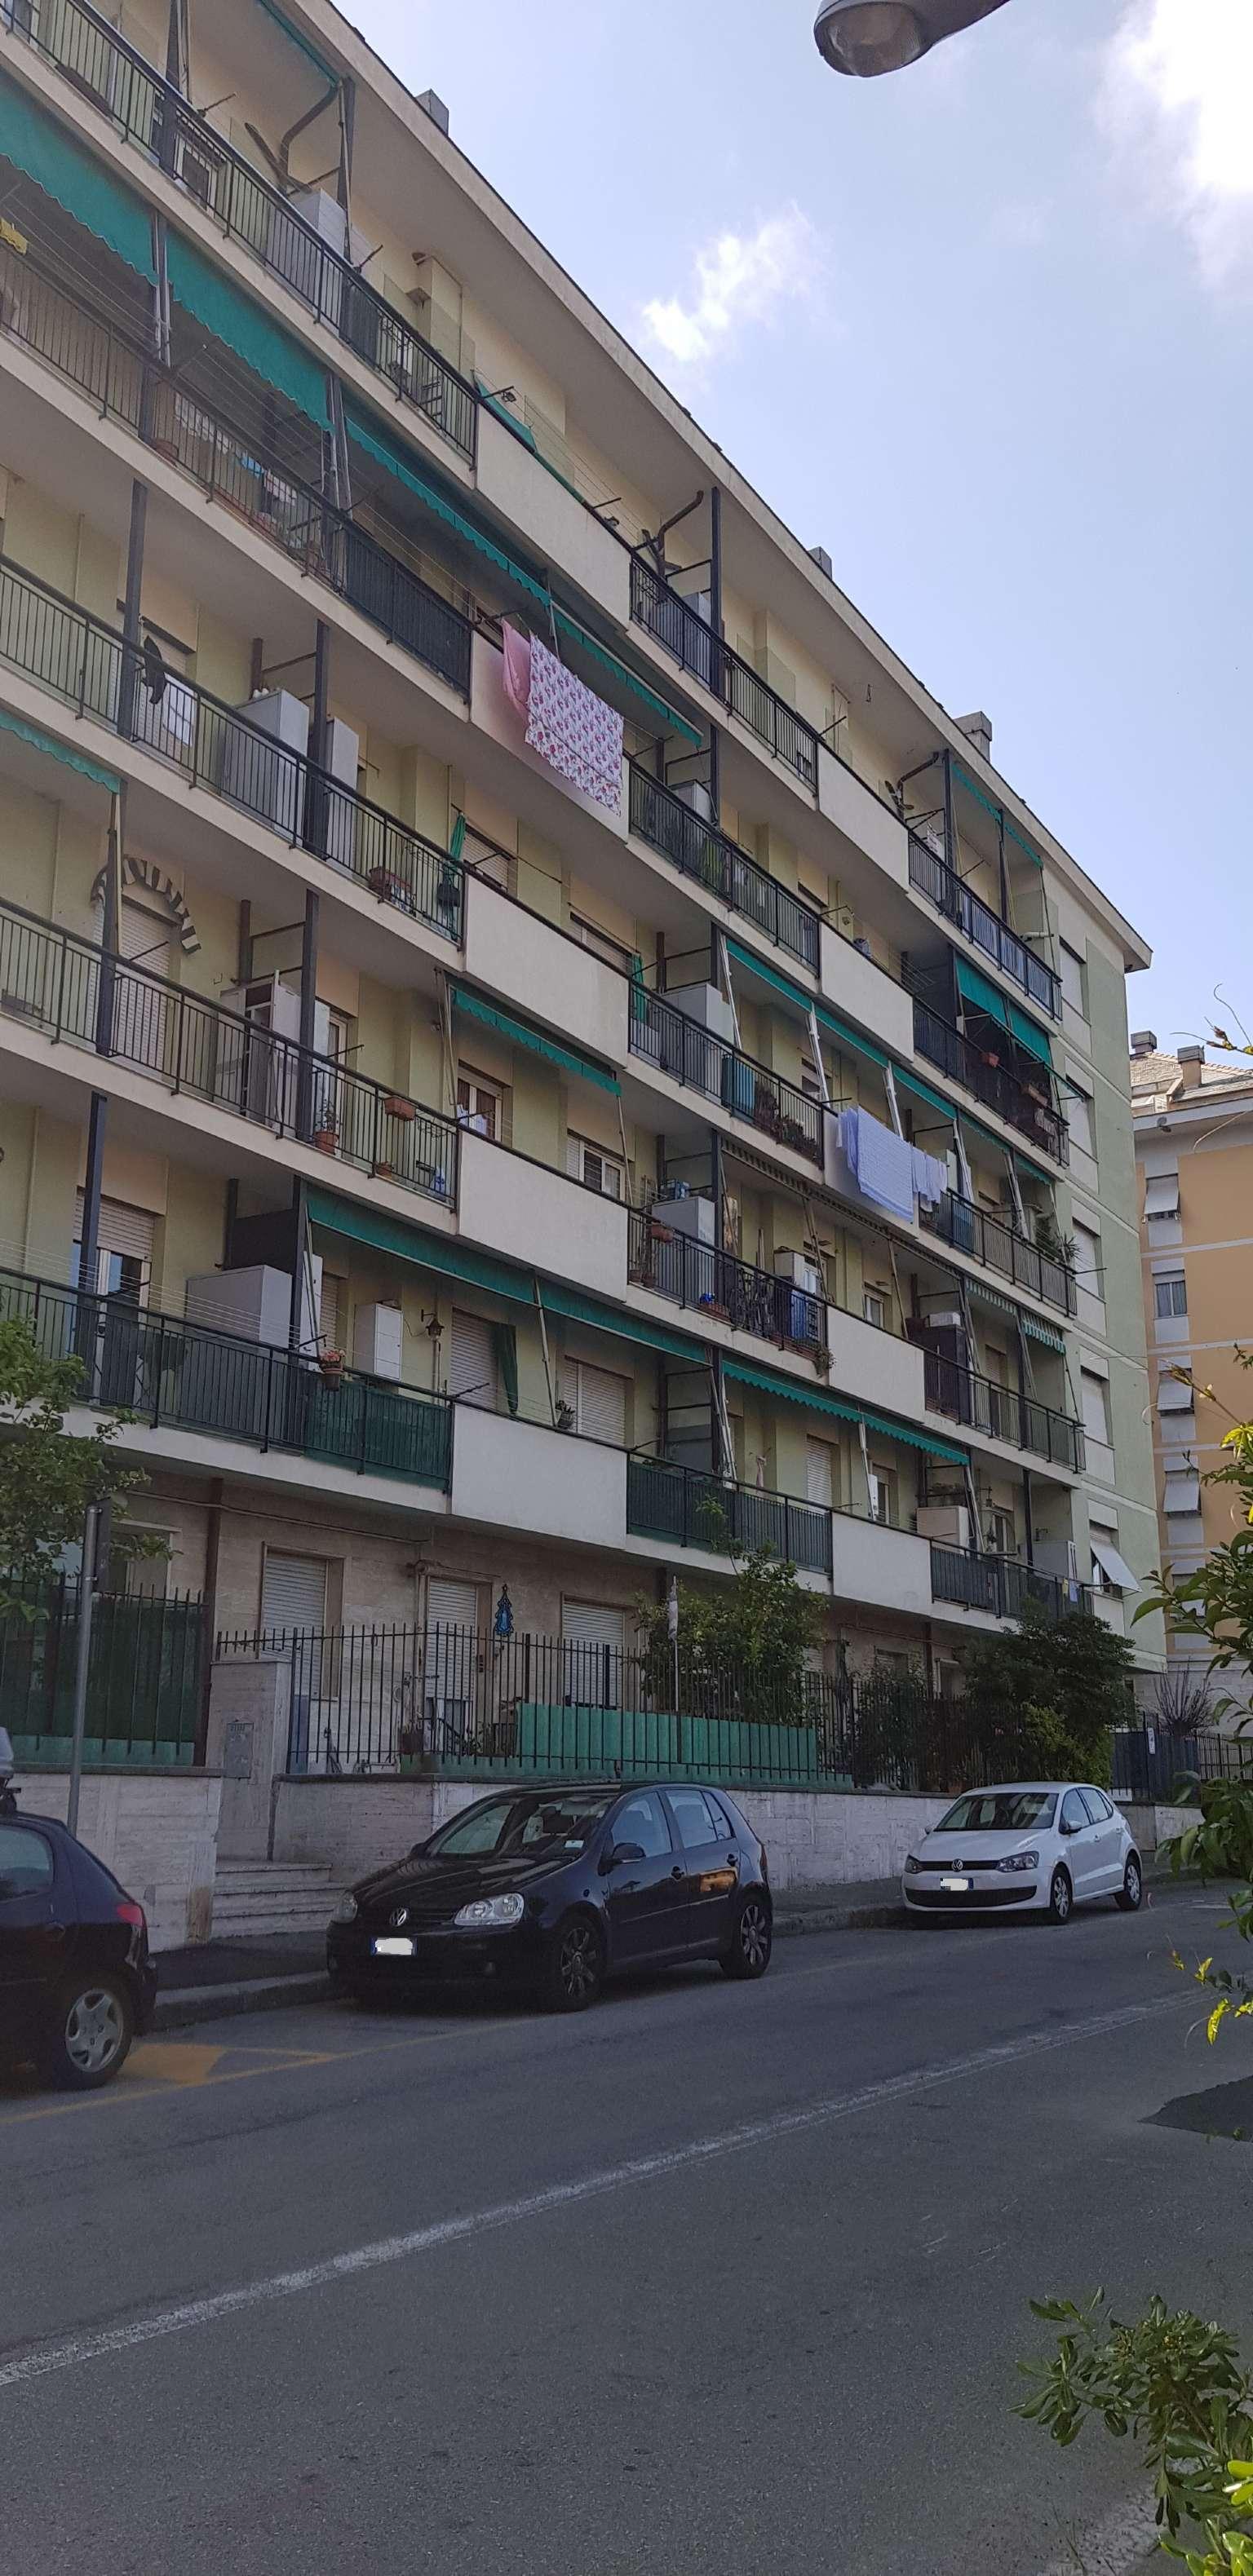 Foto 1 di Bilocale via Mogadiscio, Genova (zona Sant'Eusebio)